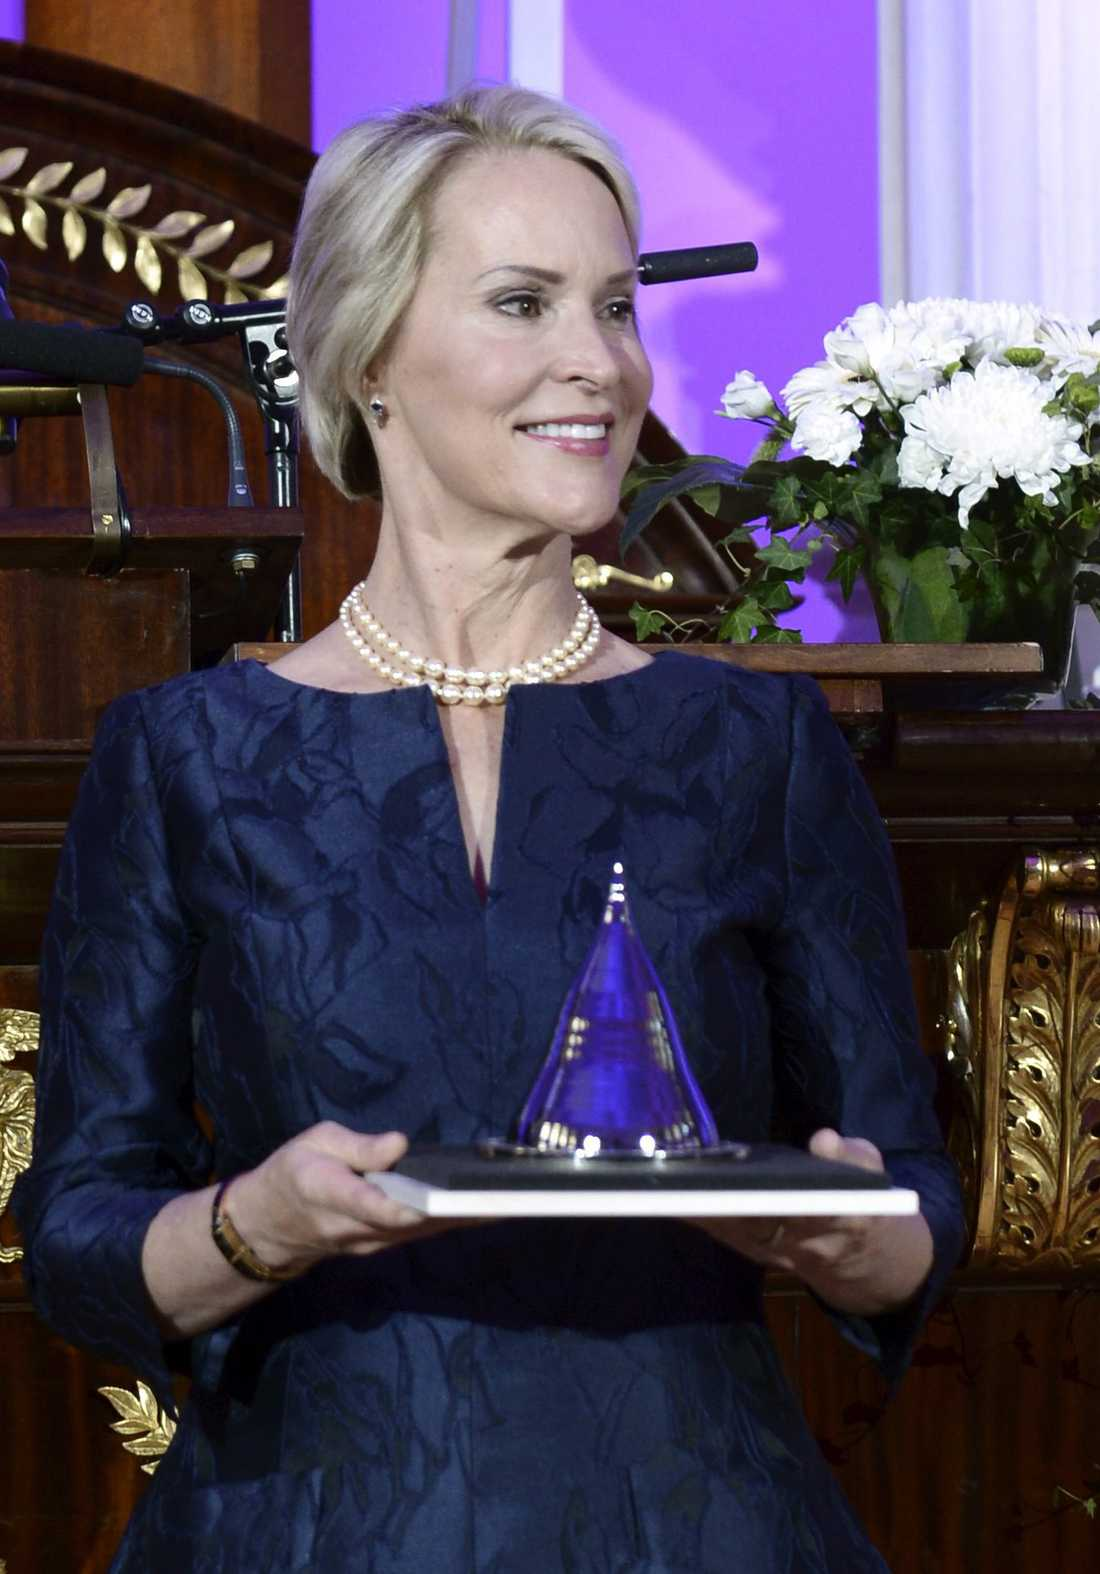 Frances Arnold har fått många utmärkelser under årens lopp. På bilden tar hon emot The Millenium Technology Prize 2016 vid en ceremoni i Helsingfors i Finland.